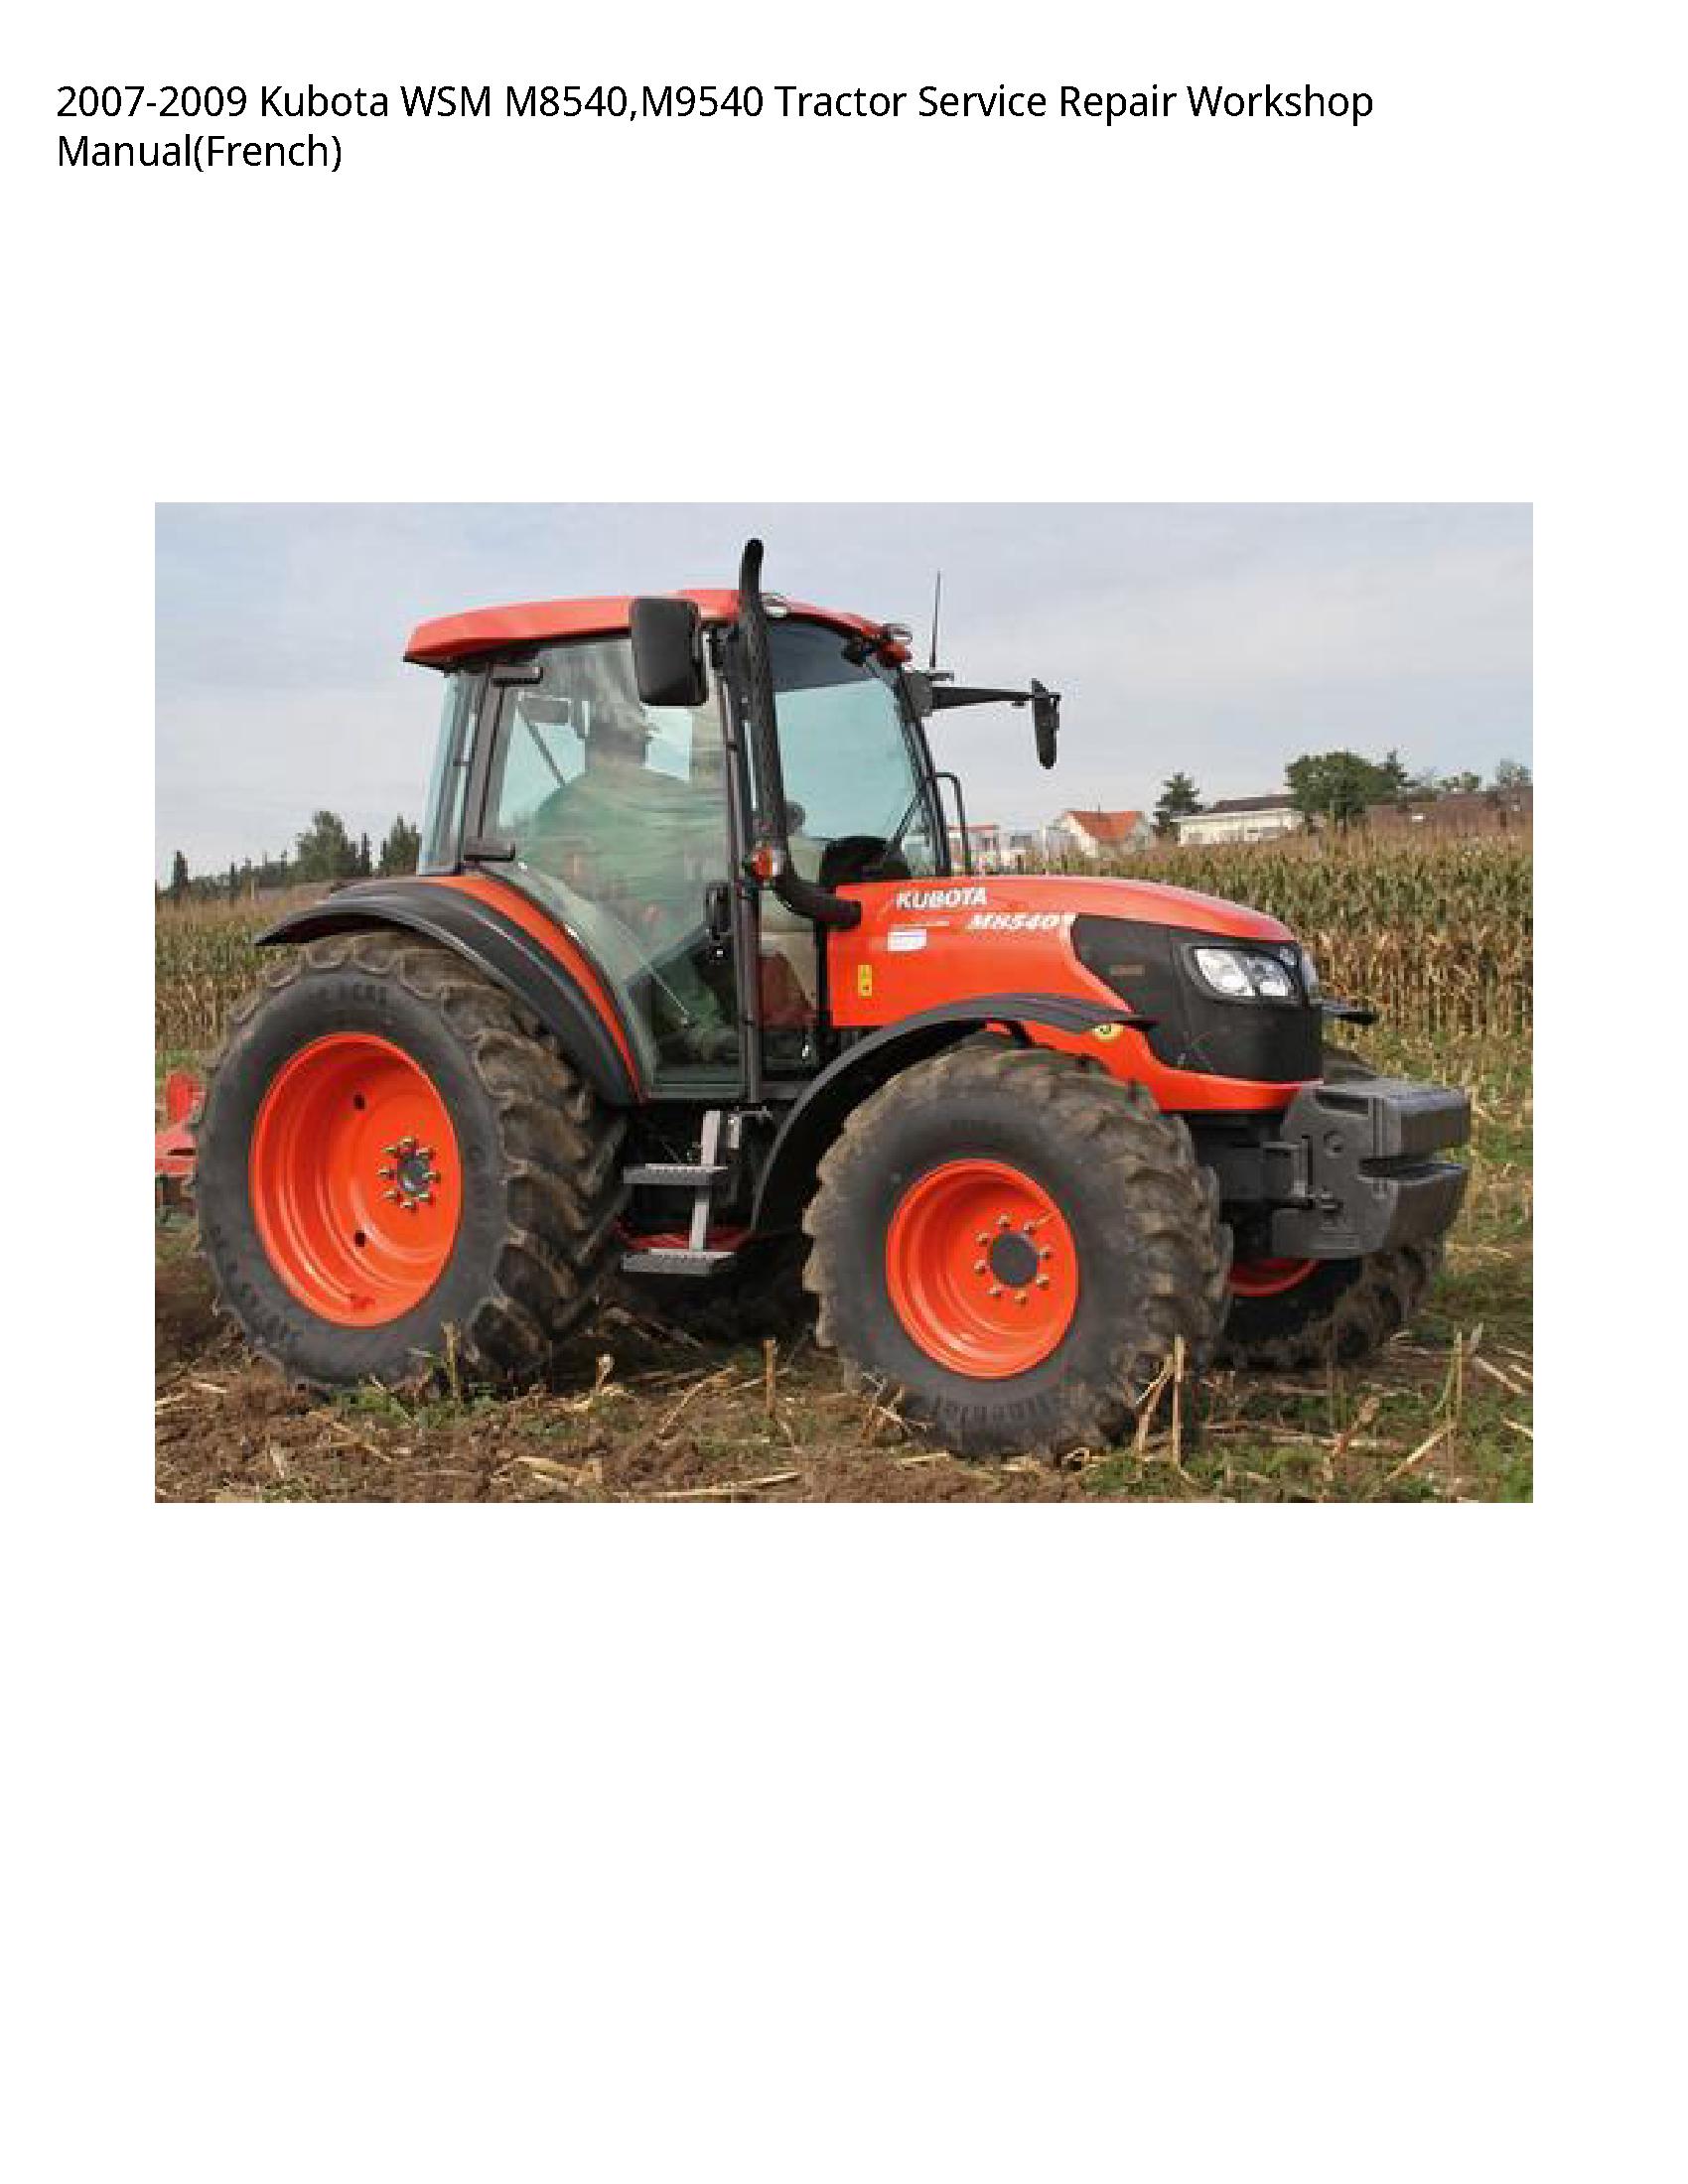 Kubota M8540 WSM Tractor manual